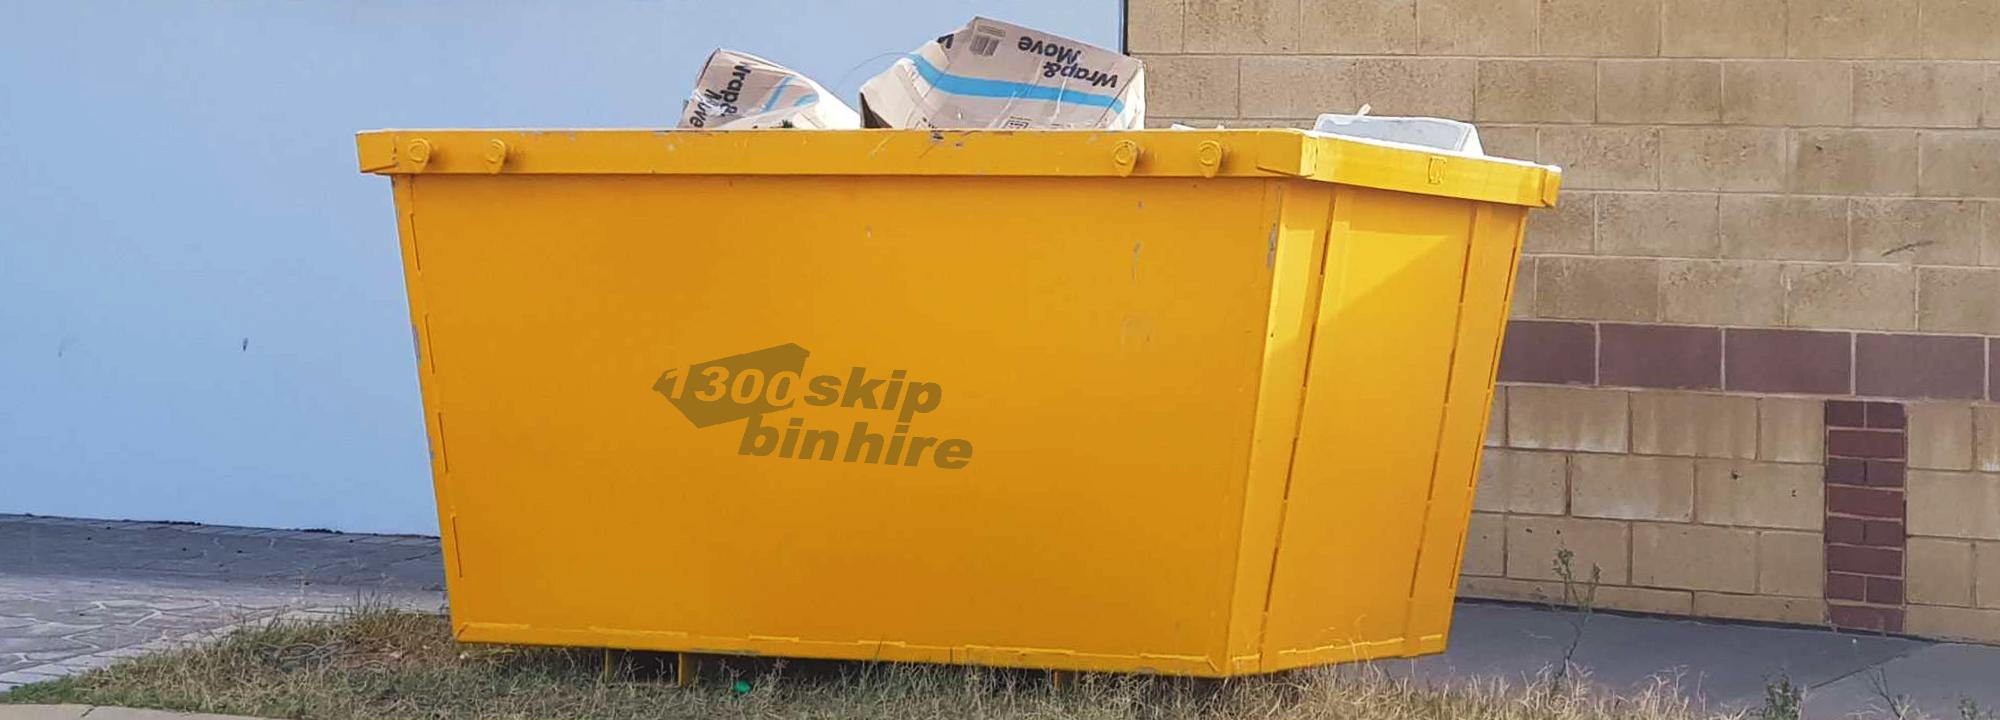 Affordable 1300 Skip Bin Hire